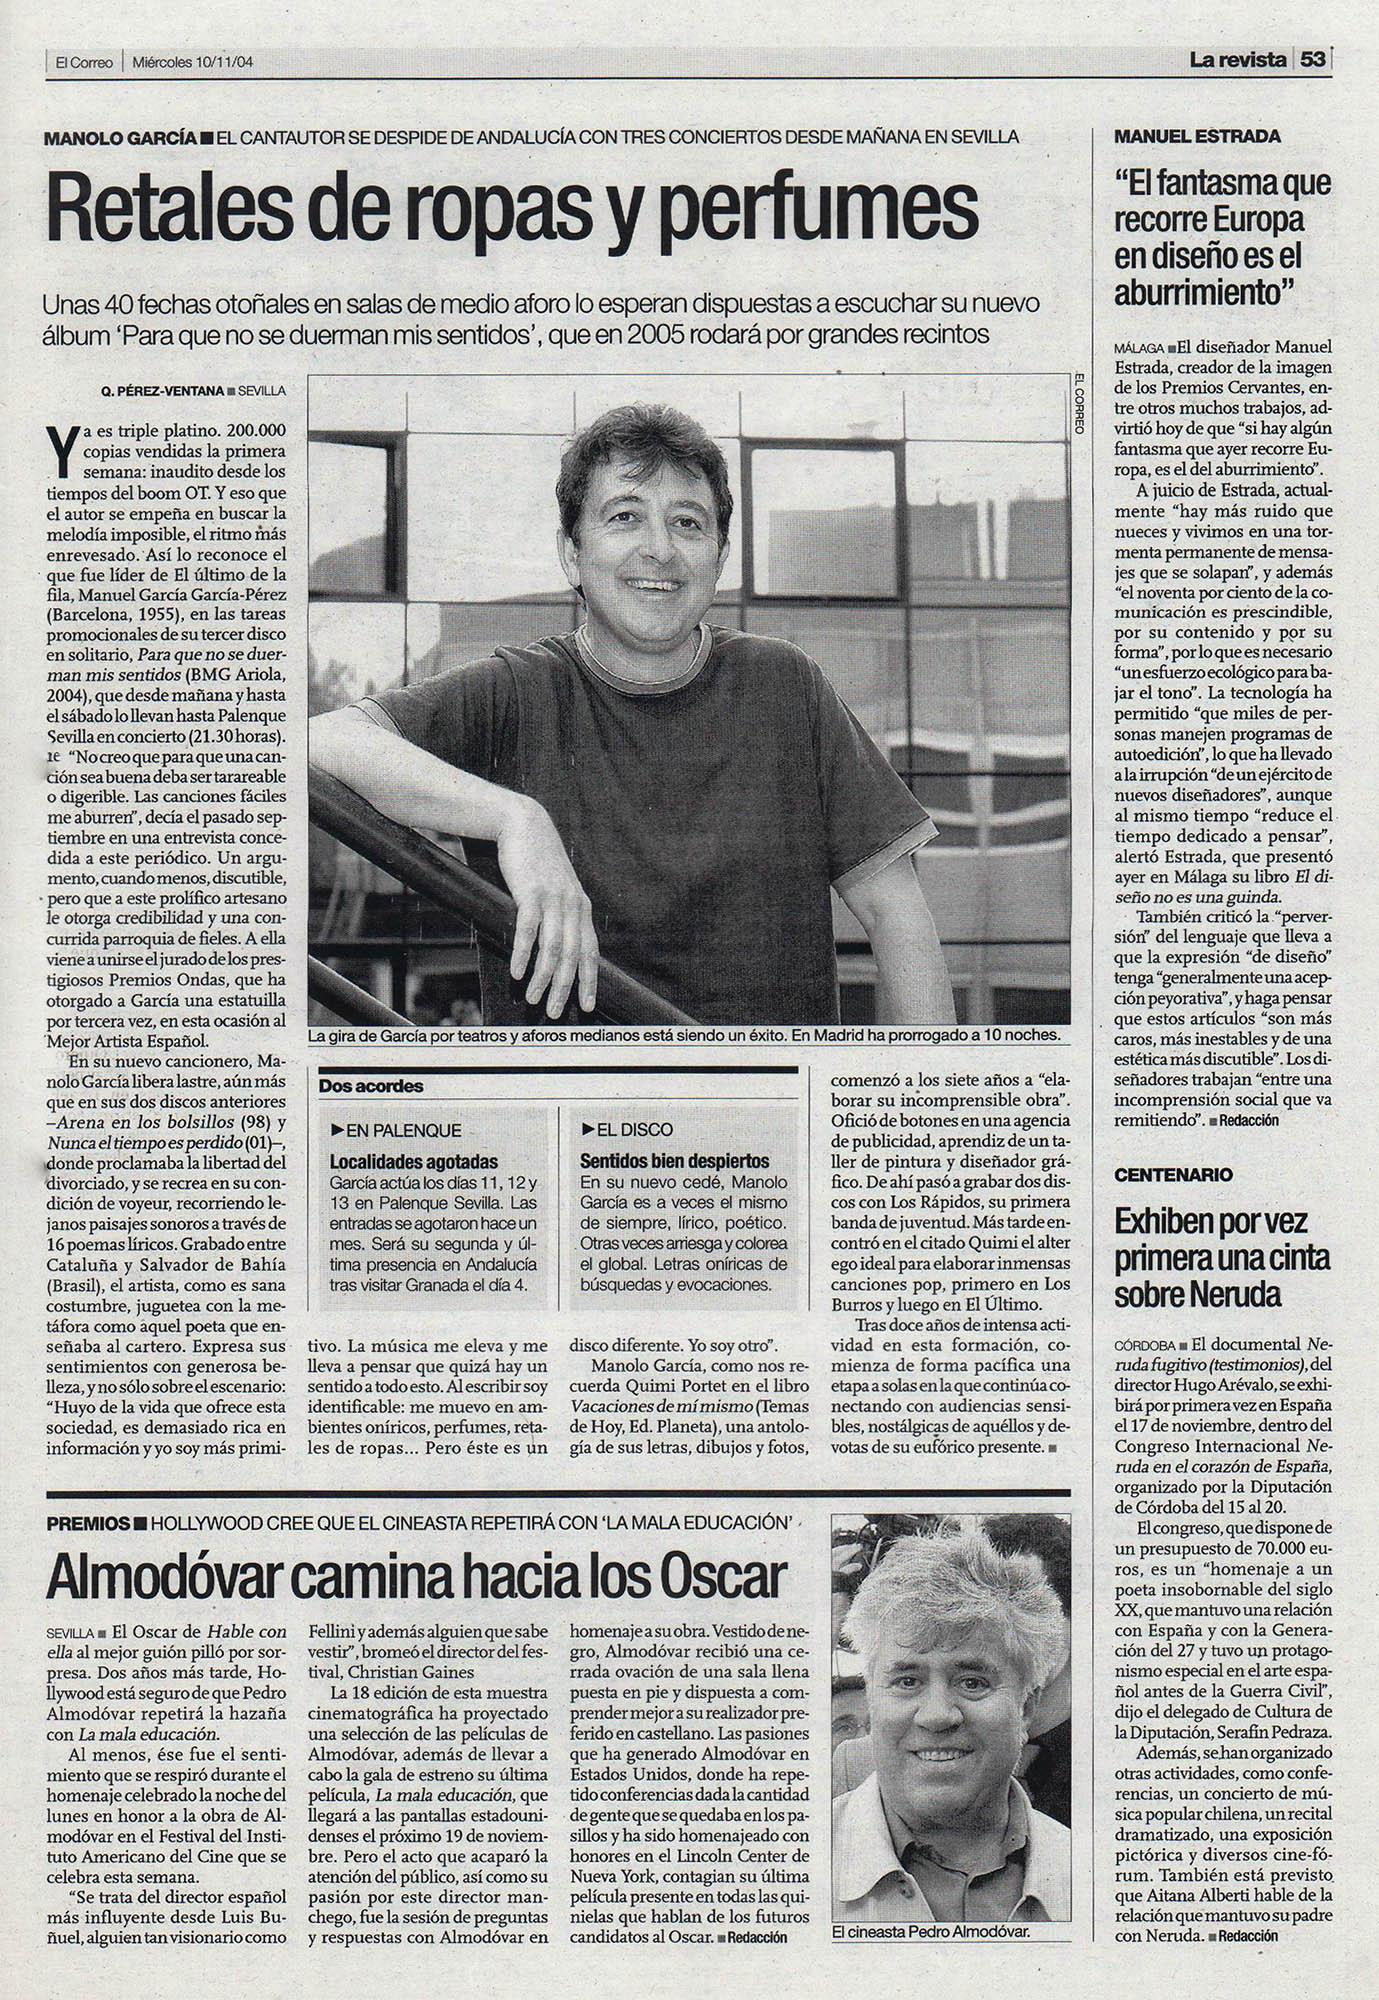 Manolo García: retales de ropas y perfumes – Para que no se duerman mis sentidos | El Correo de Andalucía | 10 nov 2004